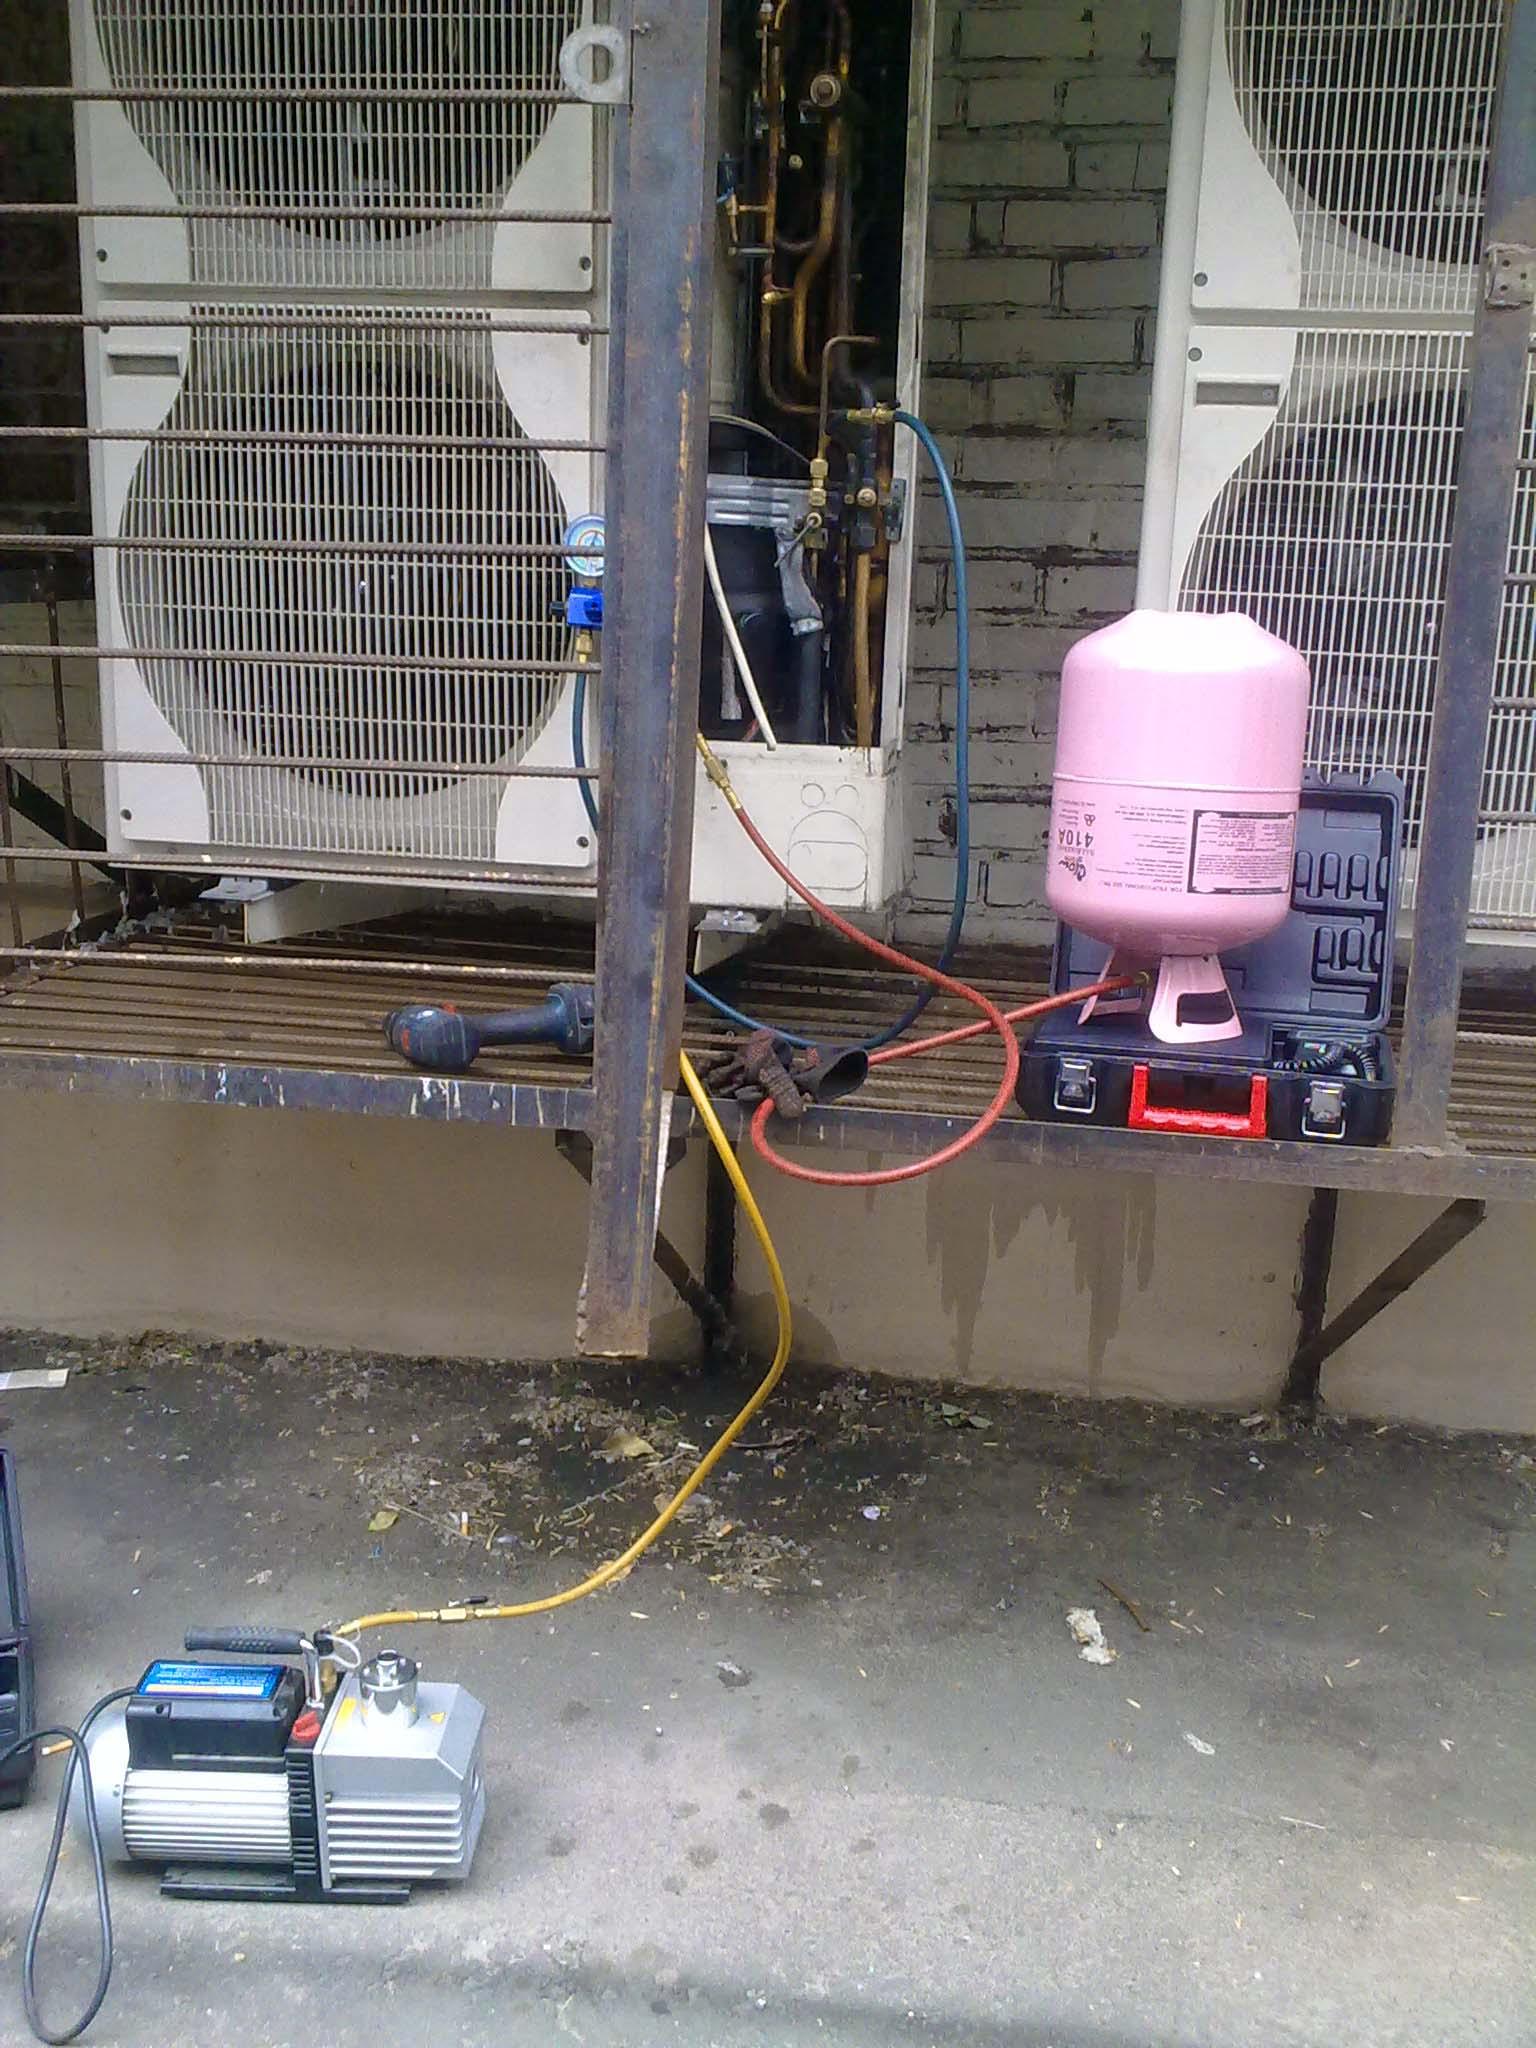 Заправка холодильника фреоном в домашних условиях: алгоритм проведения работ